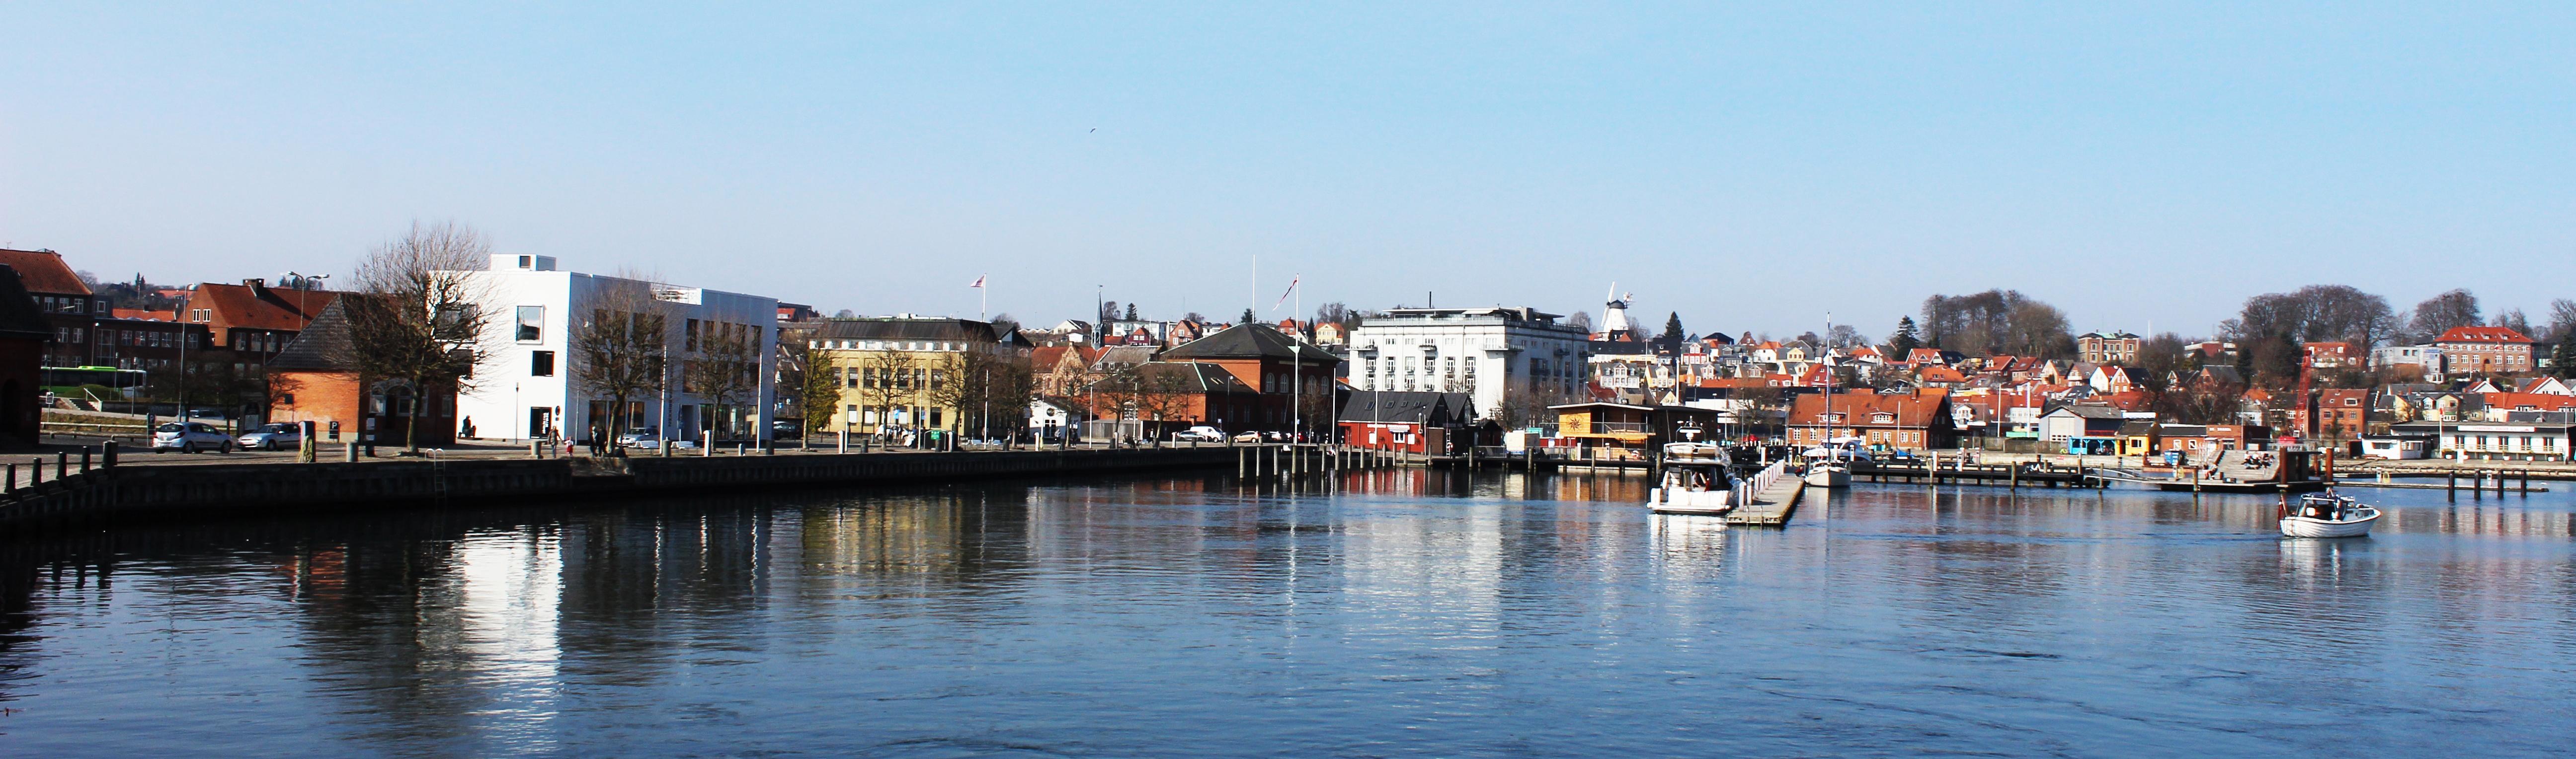 Svendborg Havn Bådplads Kontor Lejlighed